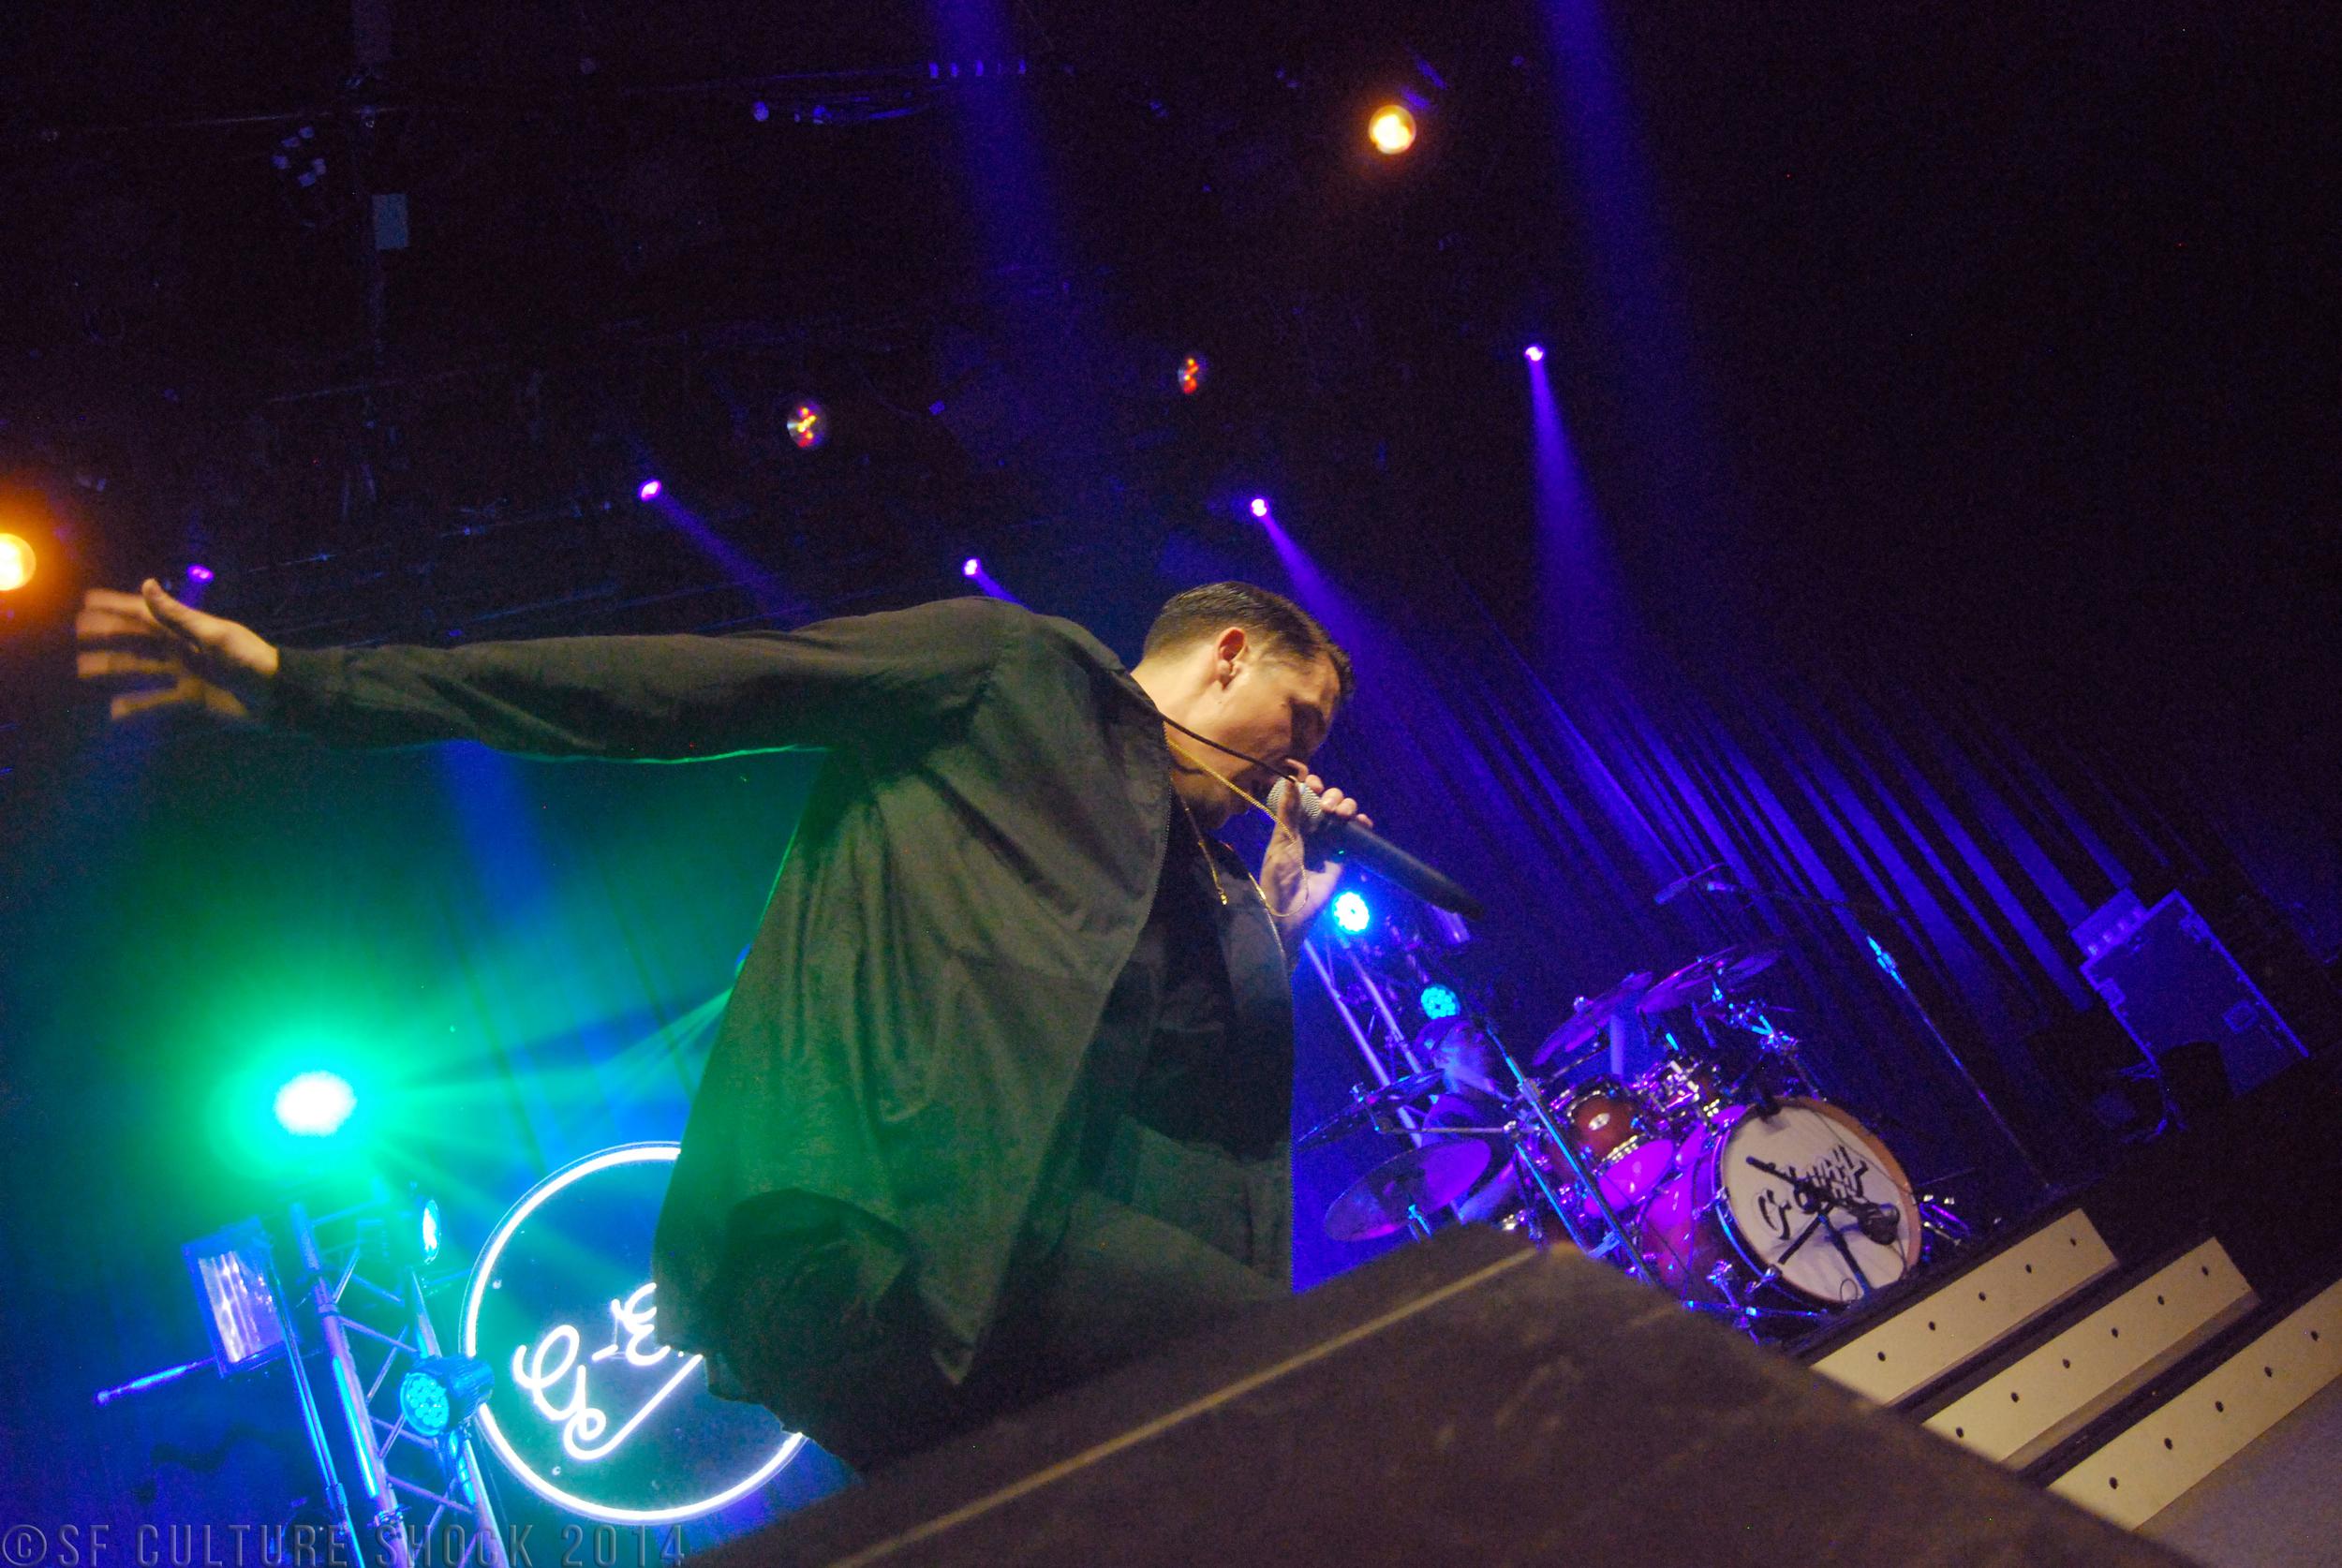 G-Eazy at The Fillmore